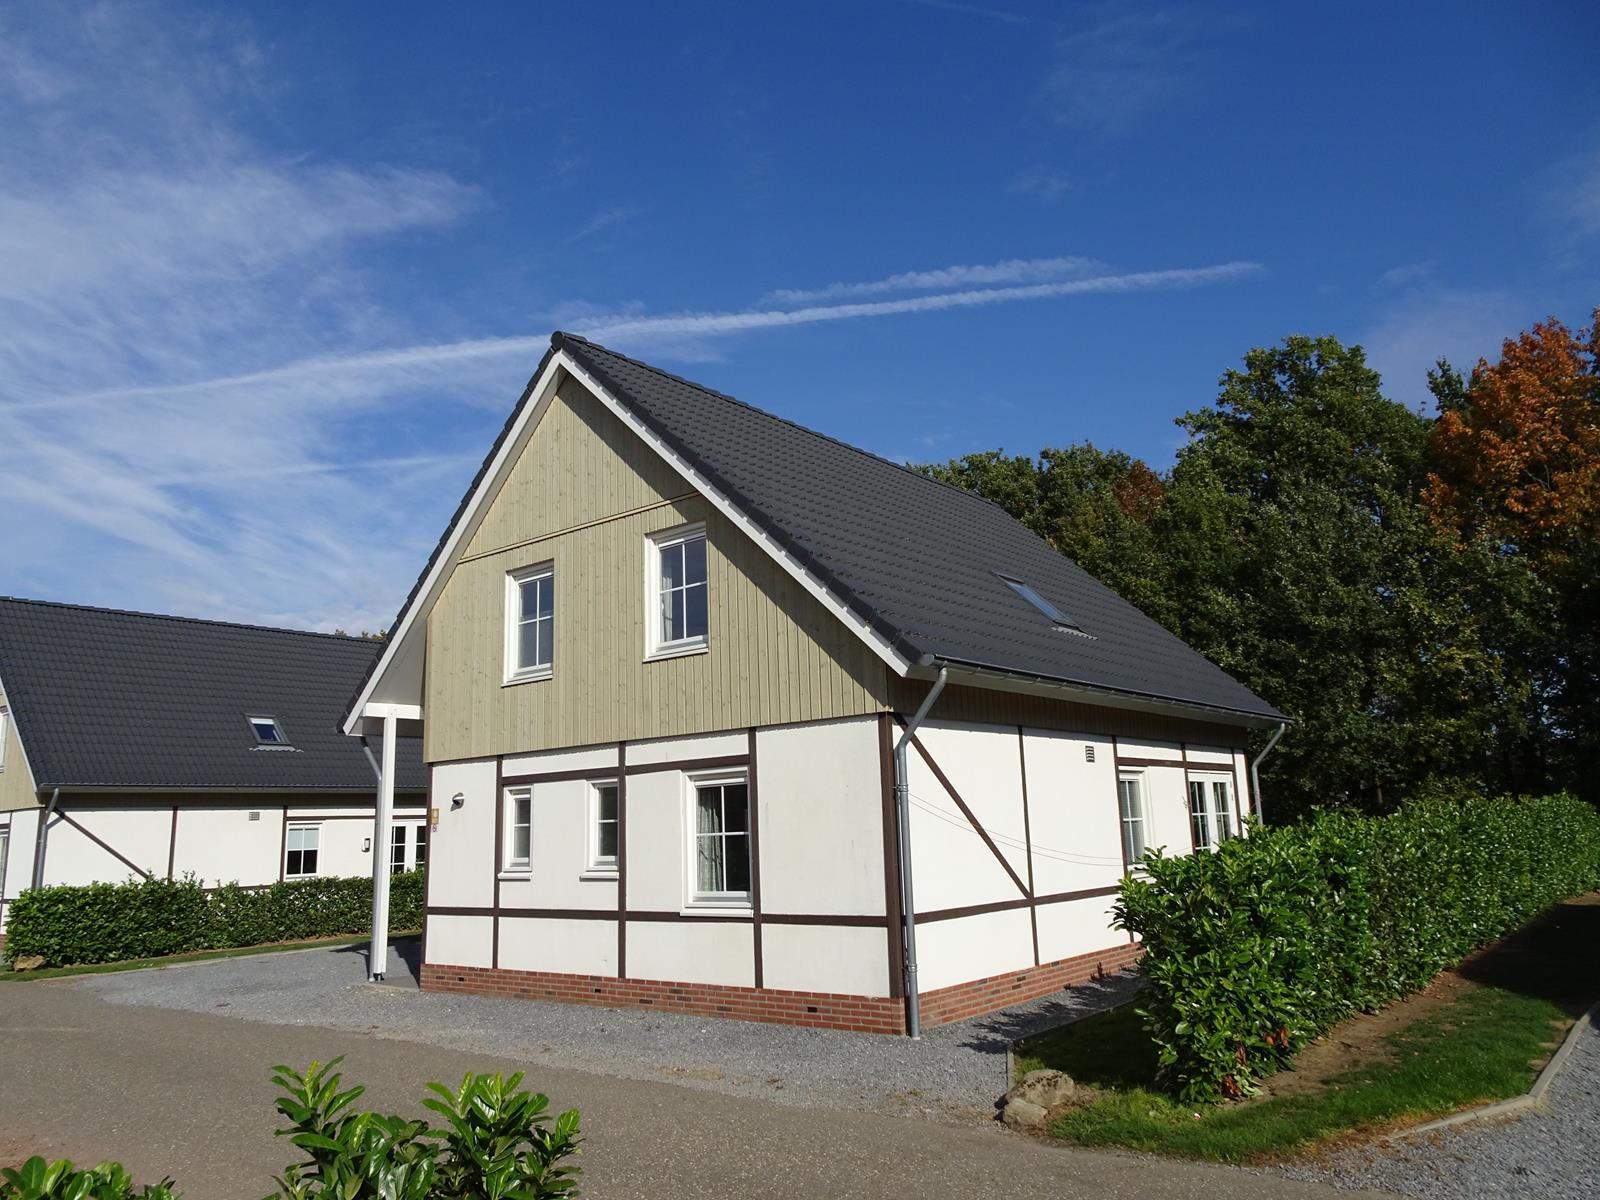 Vakantiehuis te koop Susteren K801 013.jpg